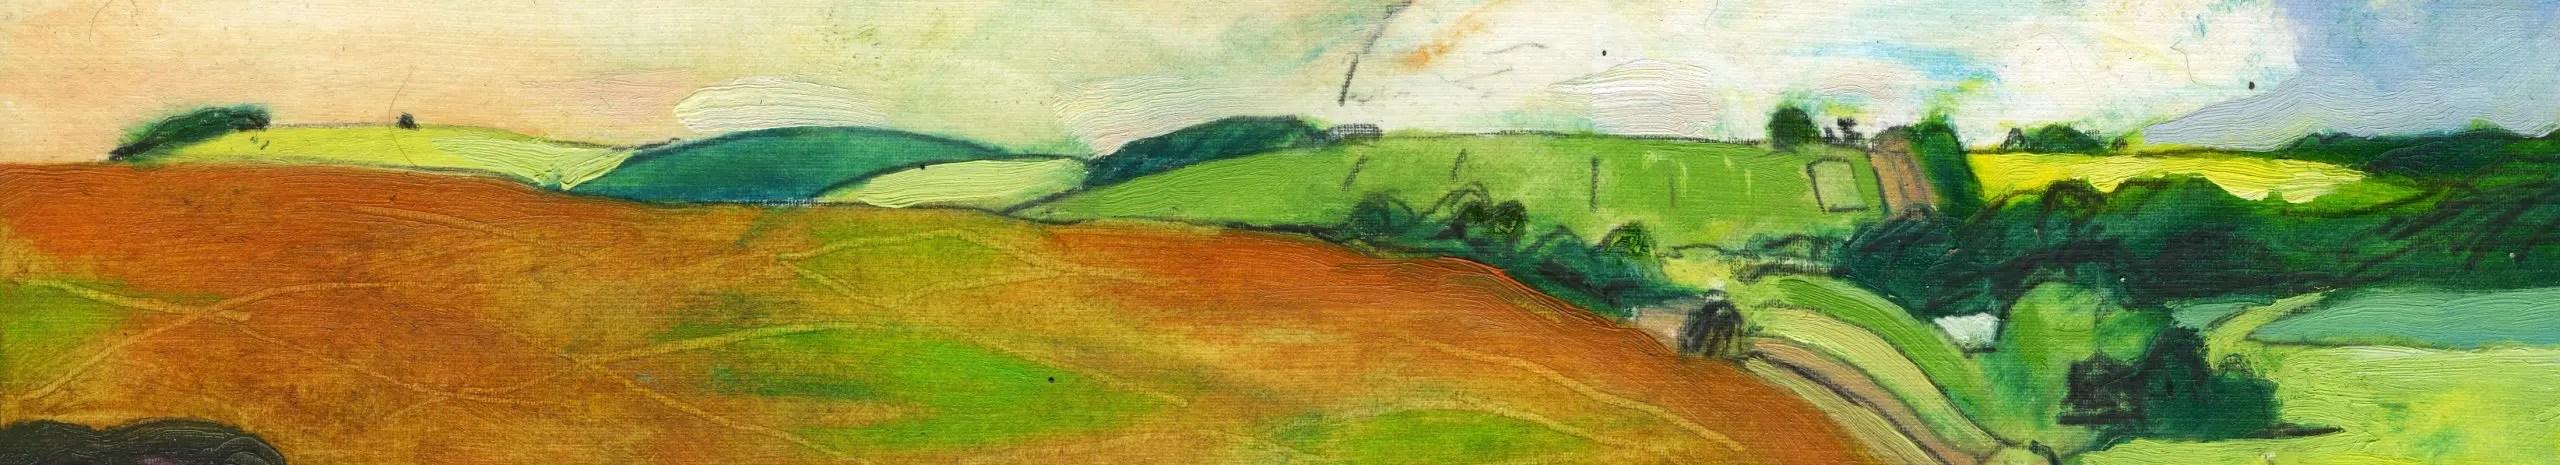 Orange and green landscape, silhouette artistic genre